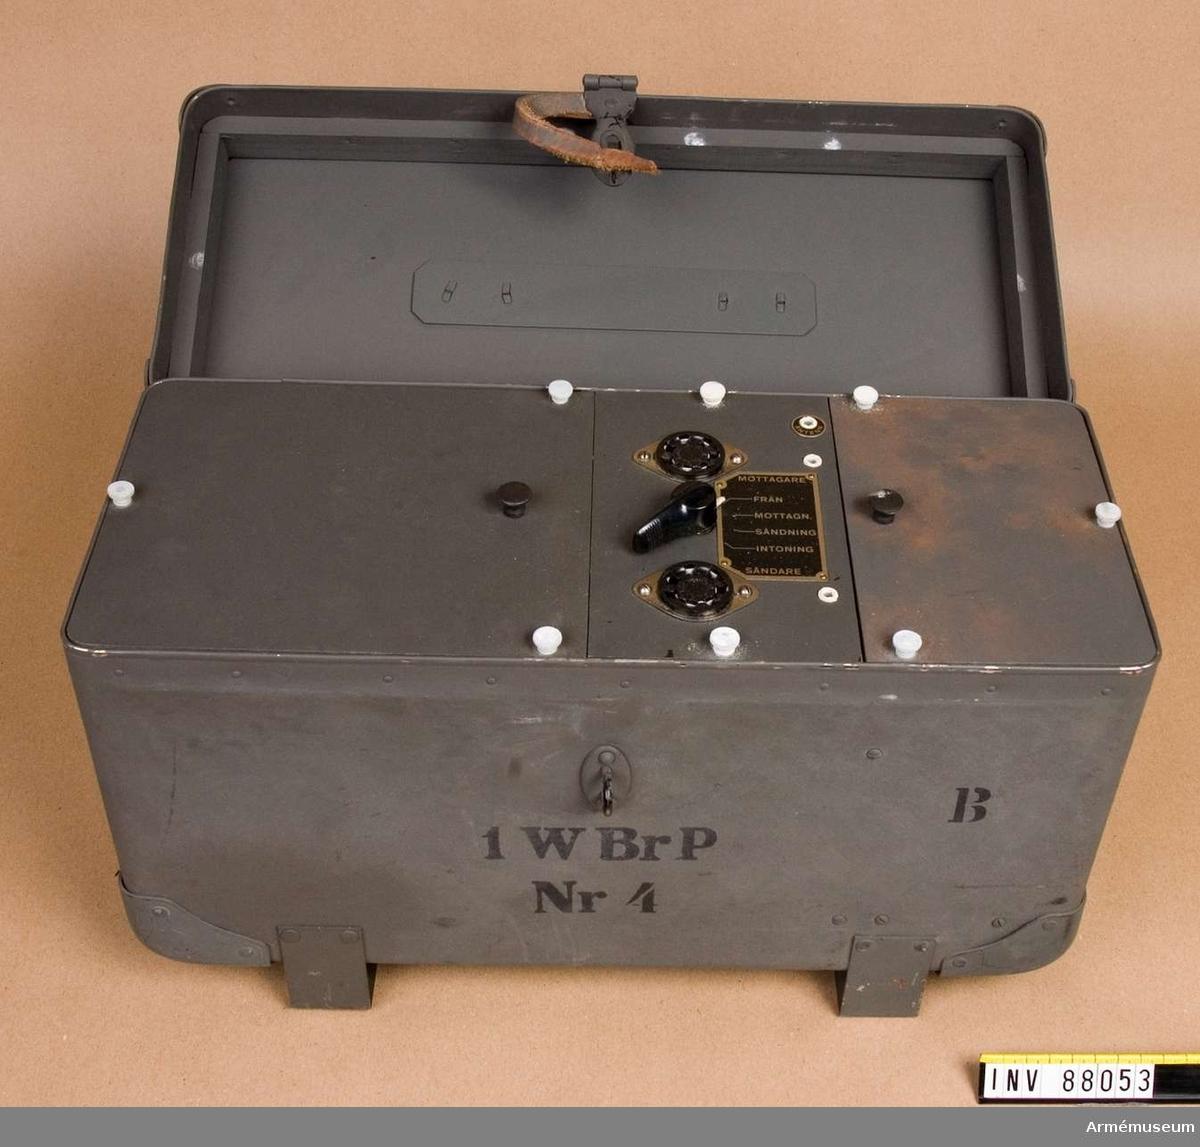 Grupp H II. Till radiostation 1 Br P m/1940.